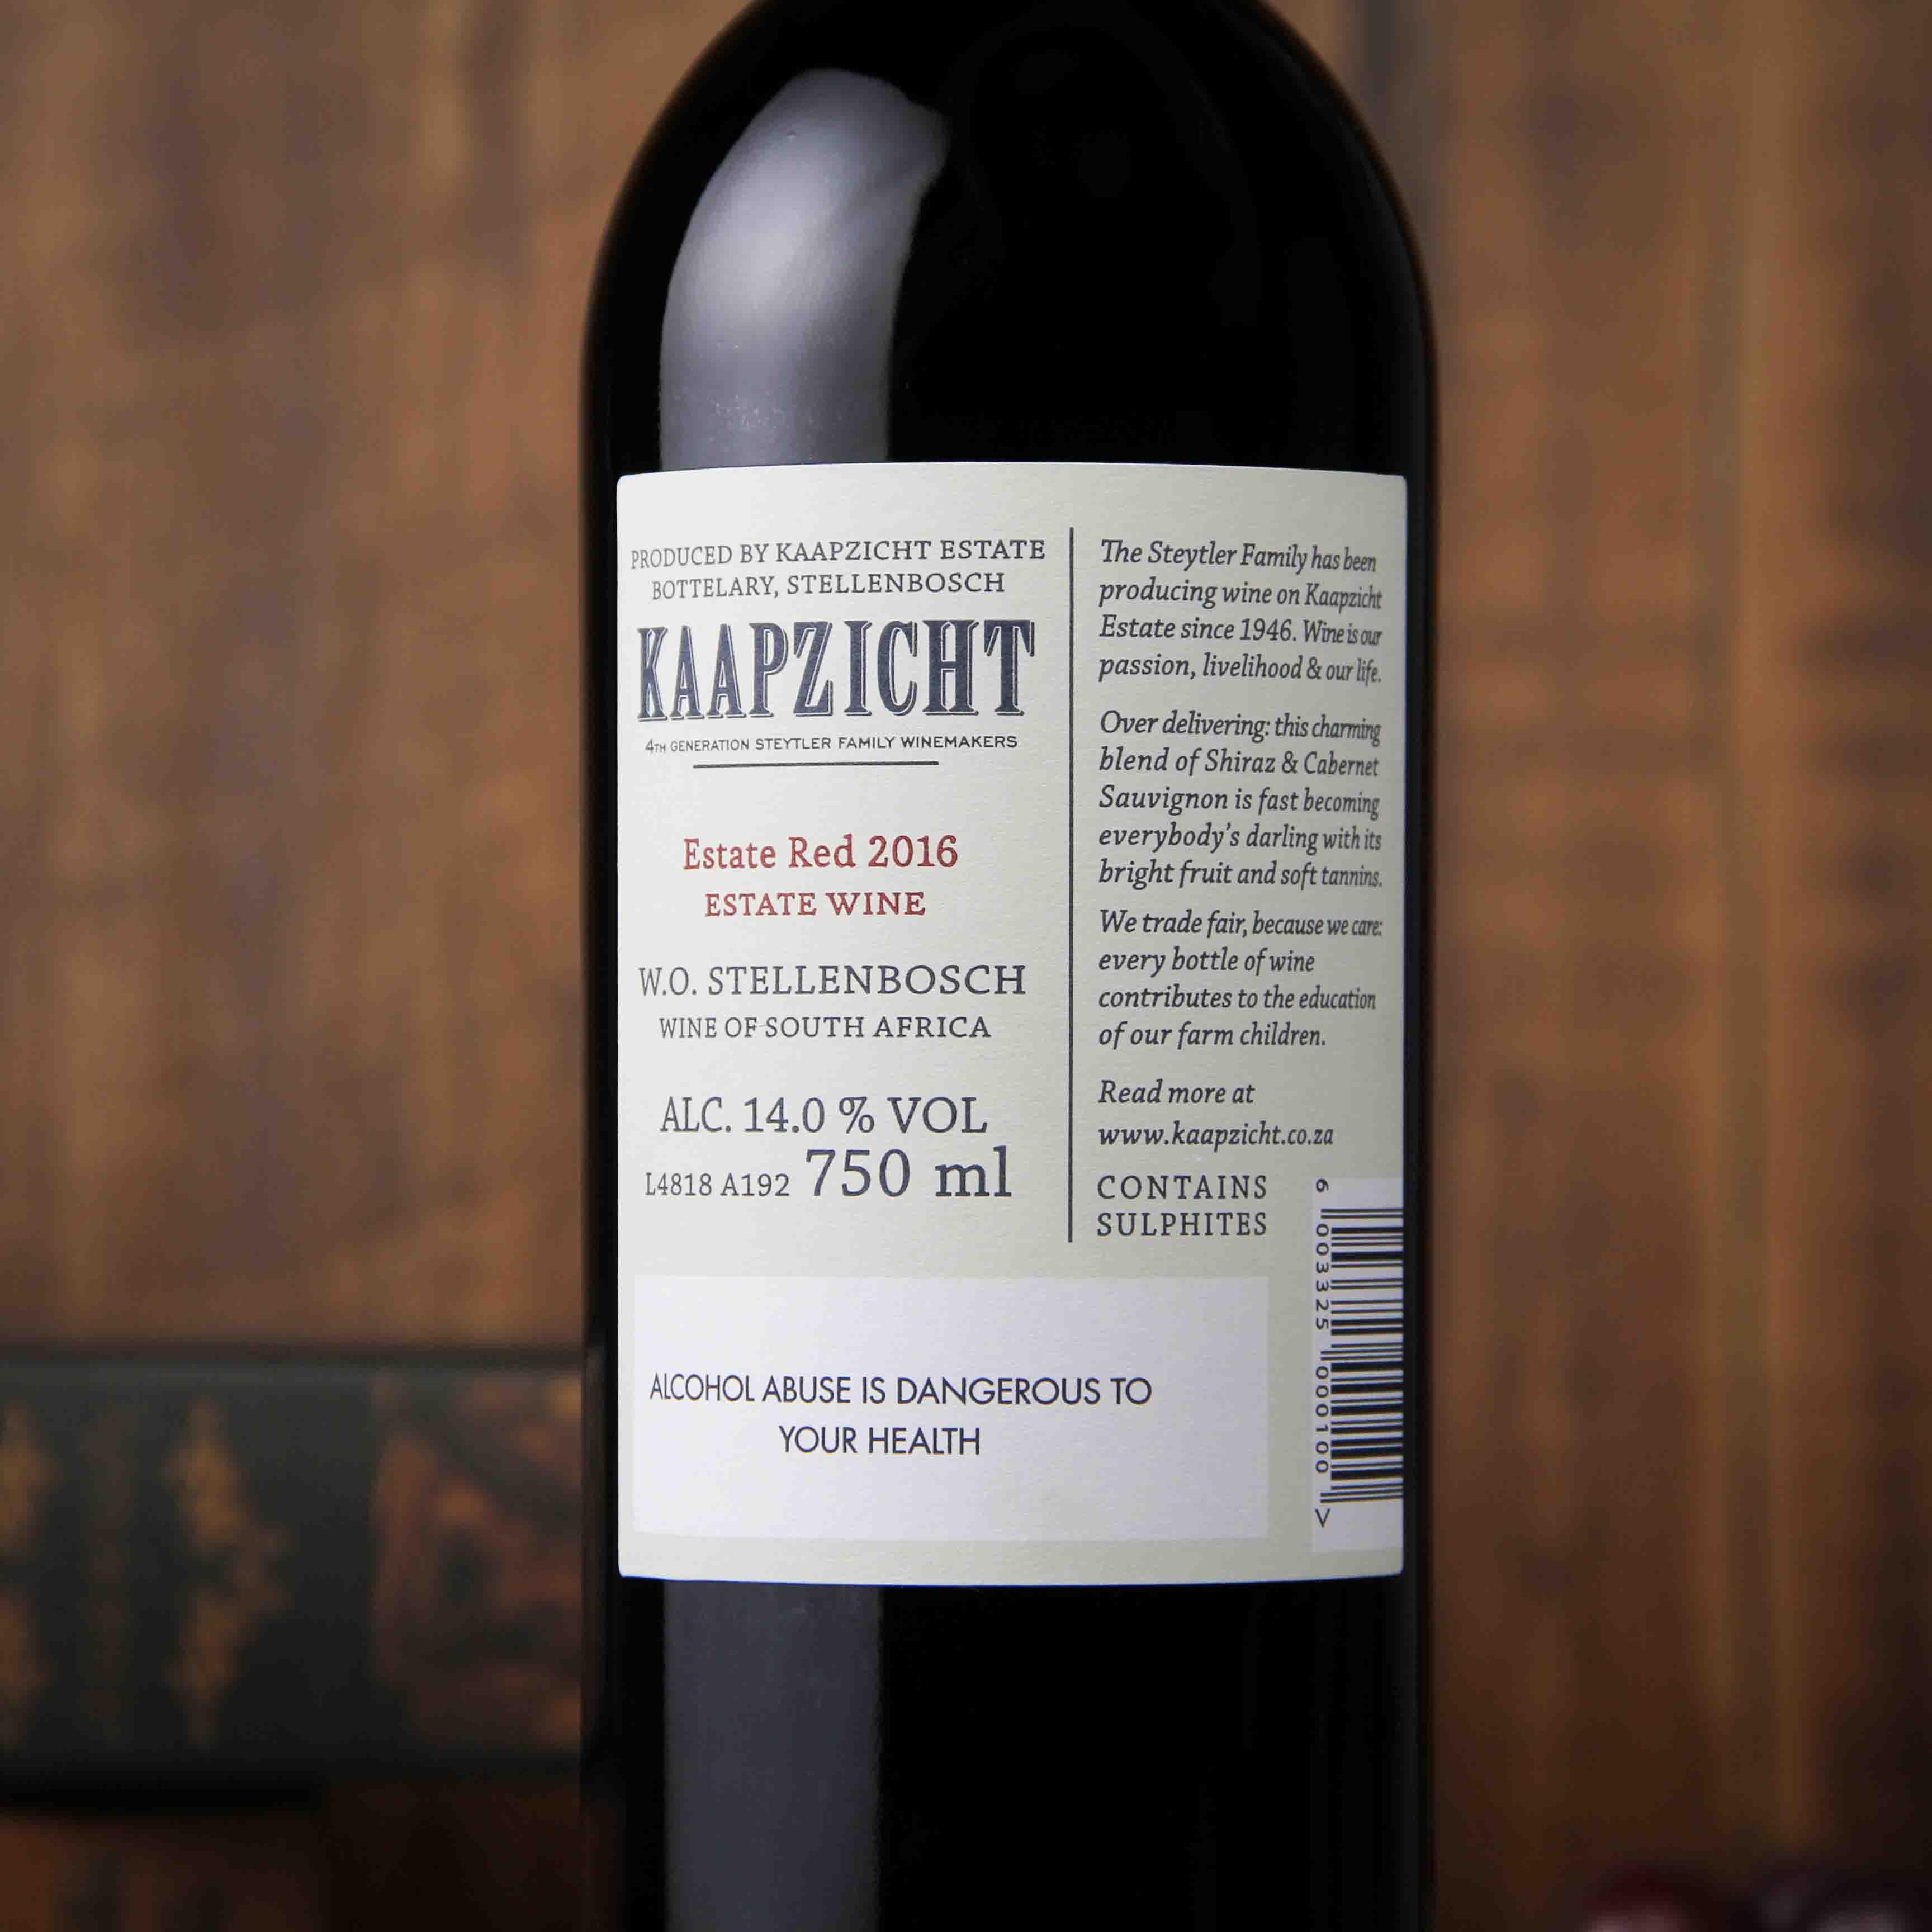 南非斯泰伦博斯桌山庄园红葡萄酒红酒